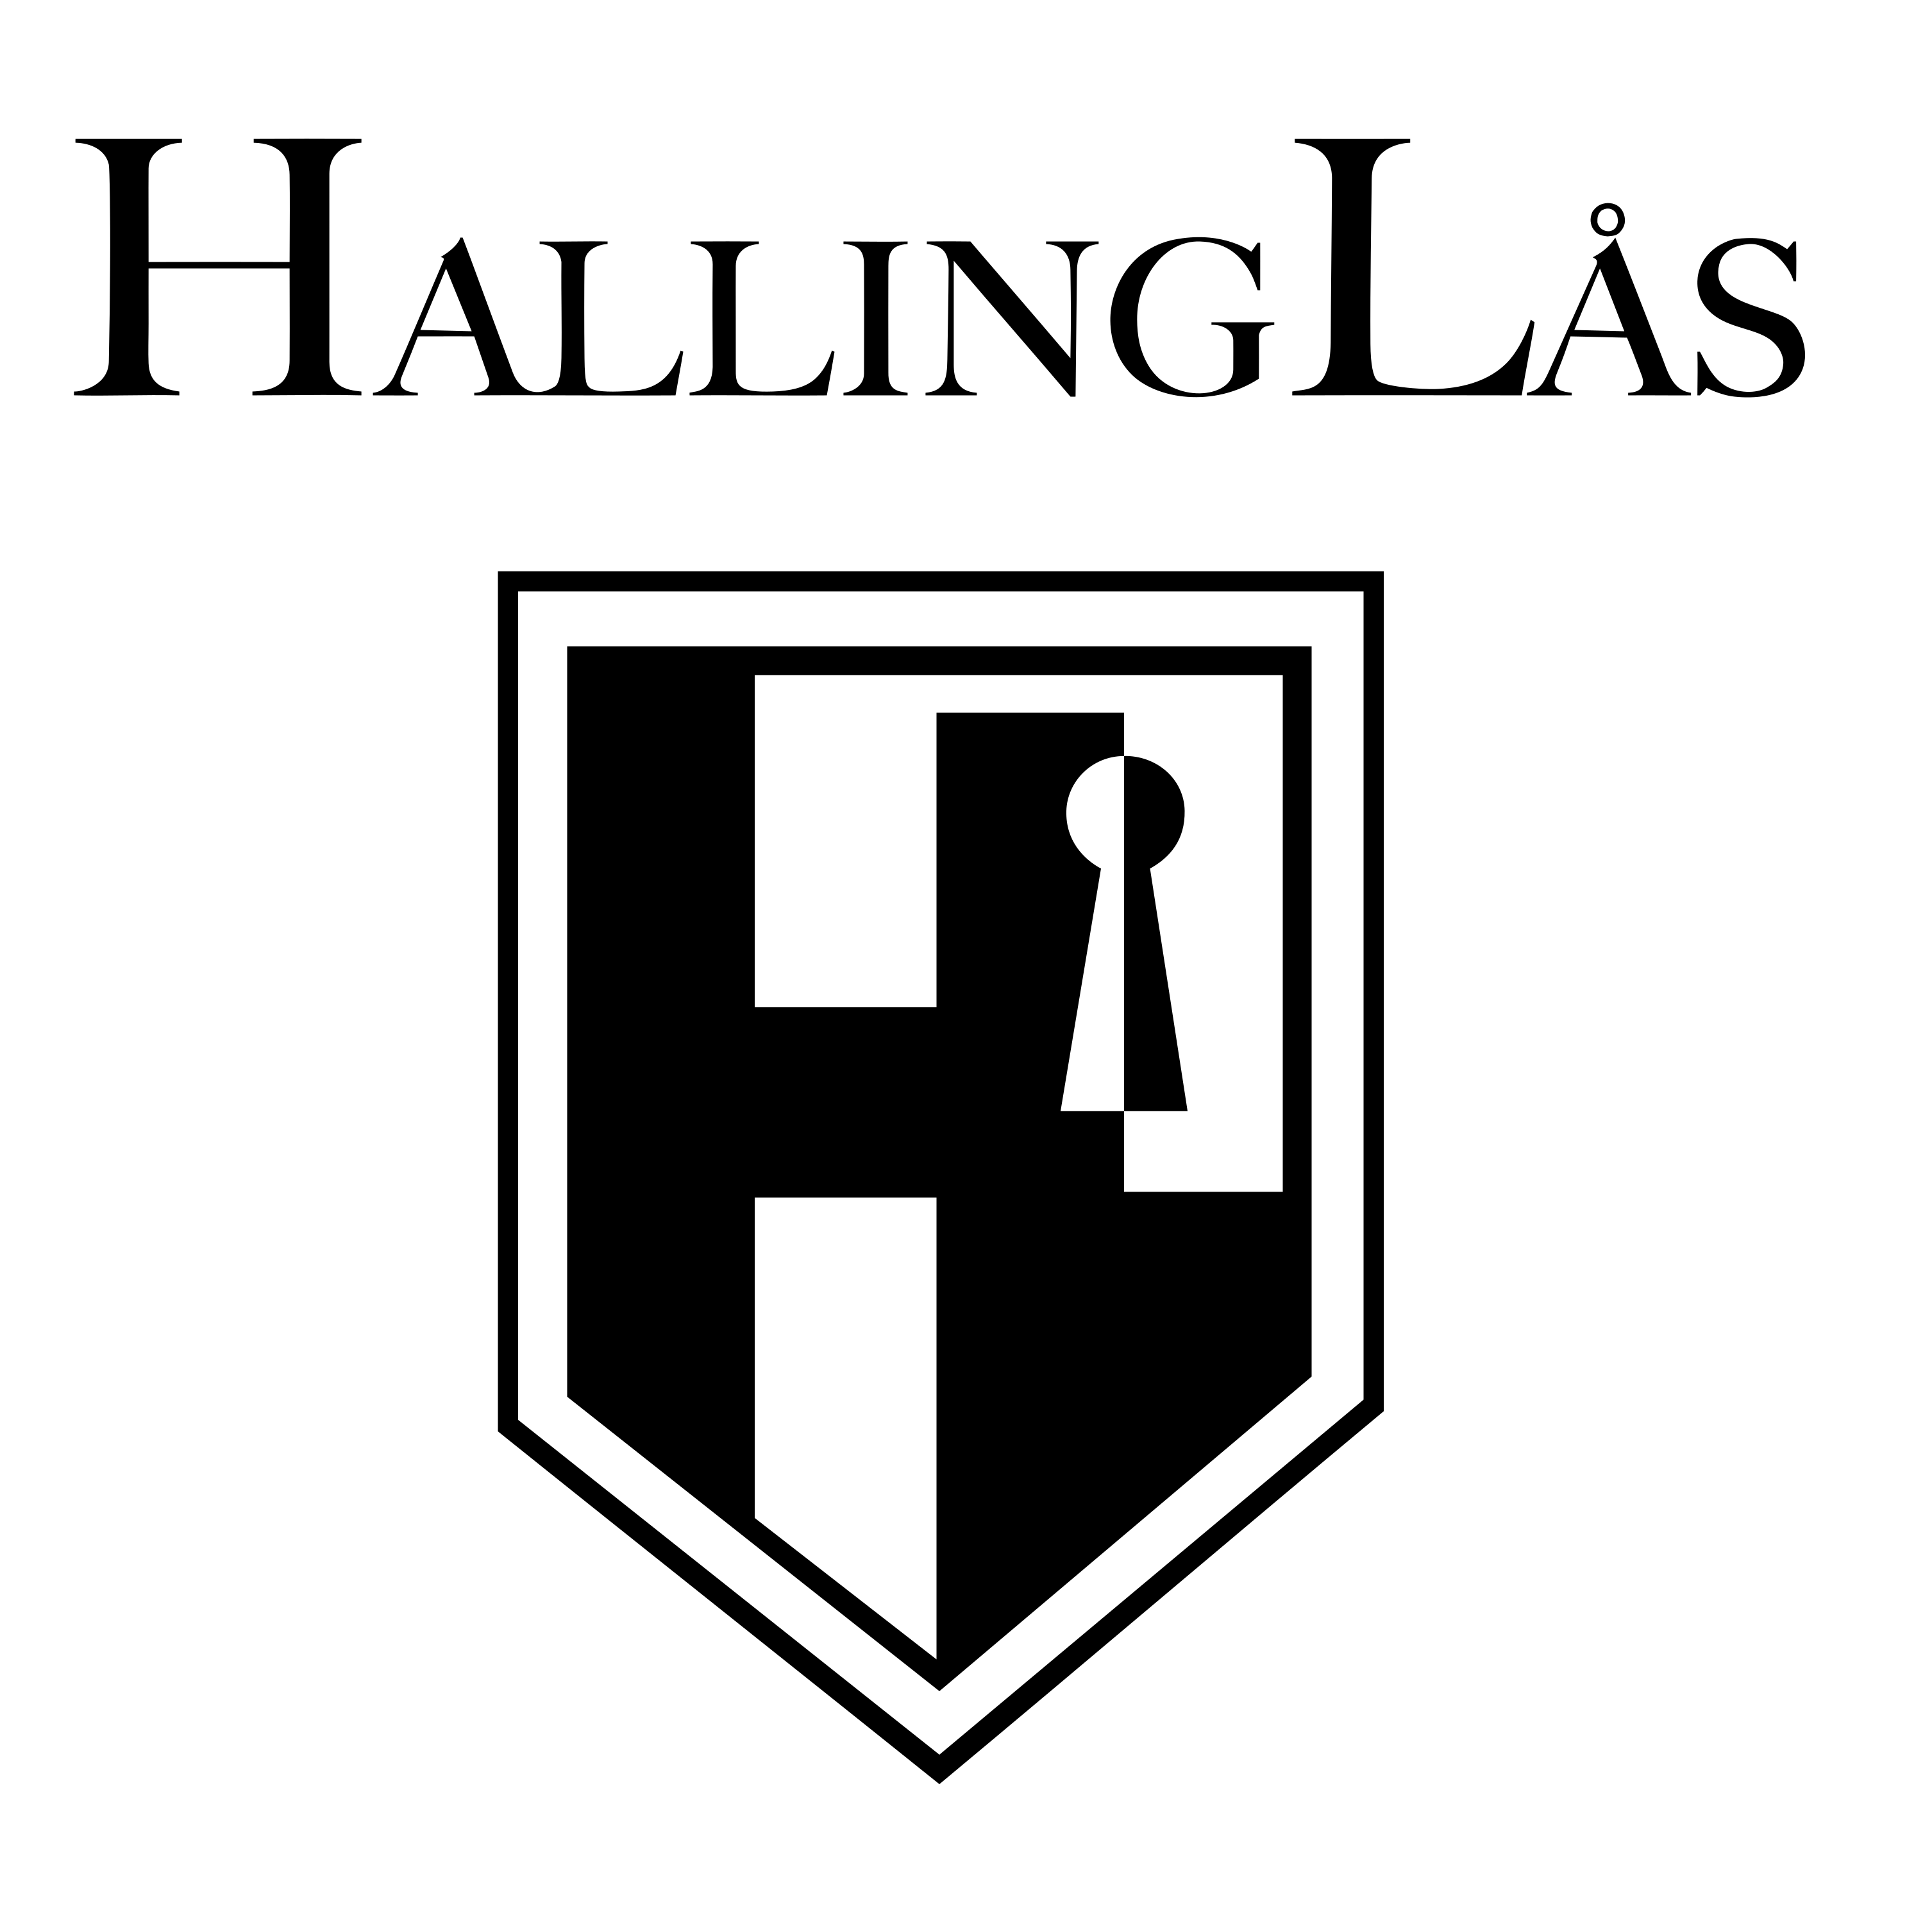 HallingLås